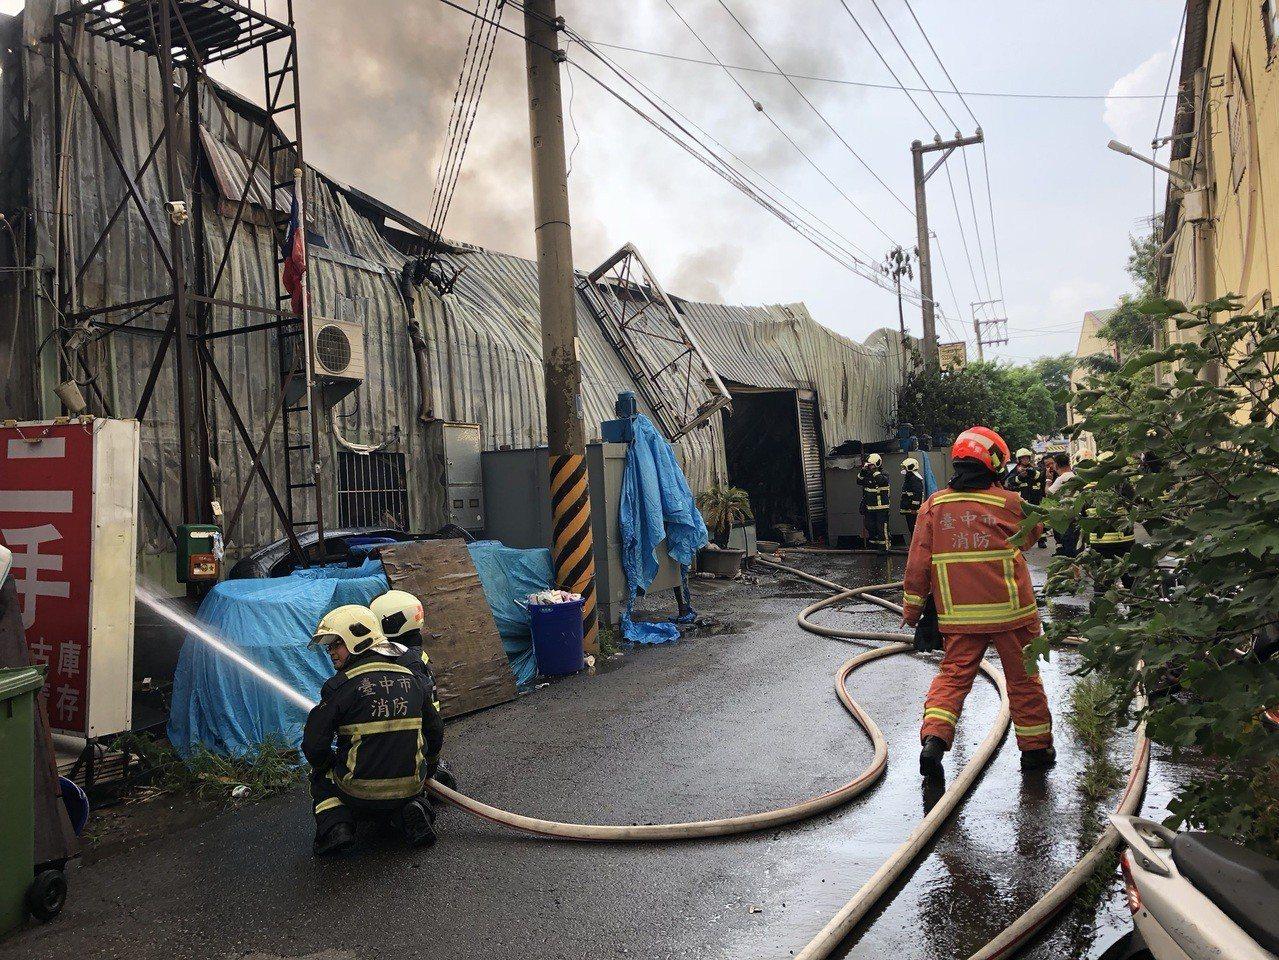 台中市北屯區太原路三段的汽車烤漆廠今天下午3時許傳出爆炸聲,火勢猛烈,延燒數戶,...